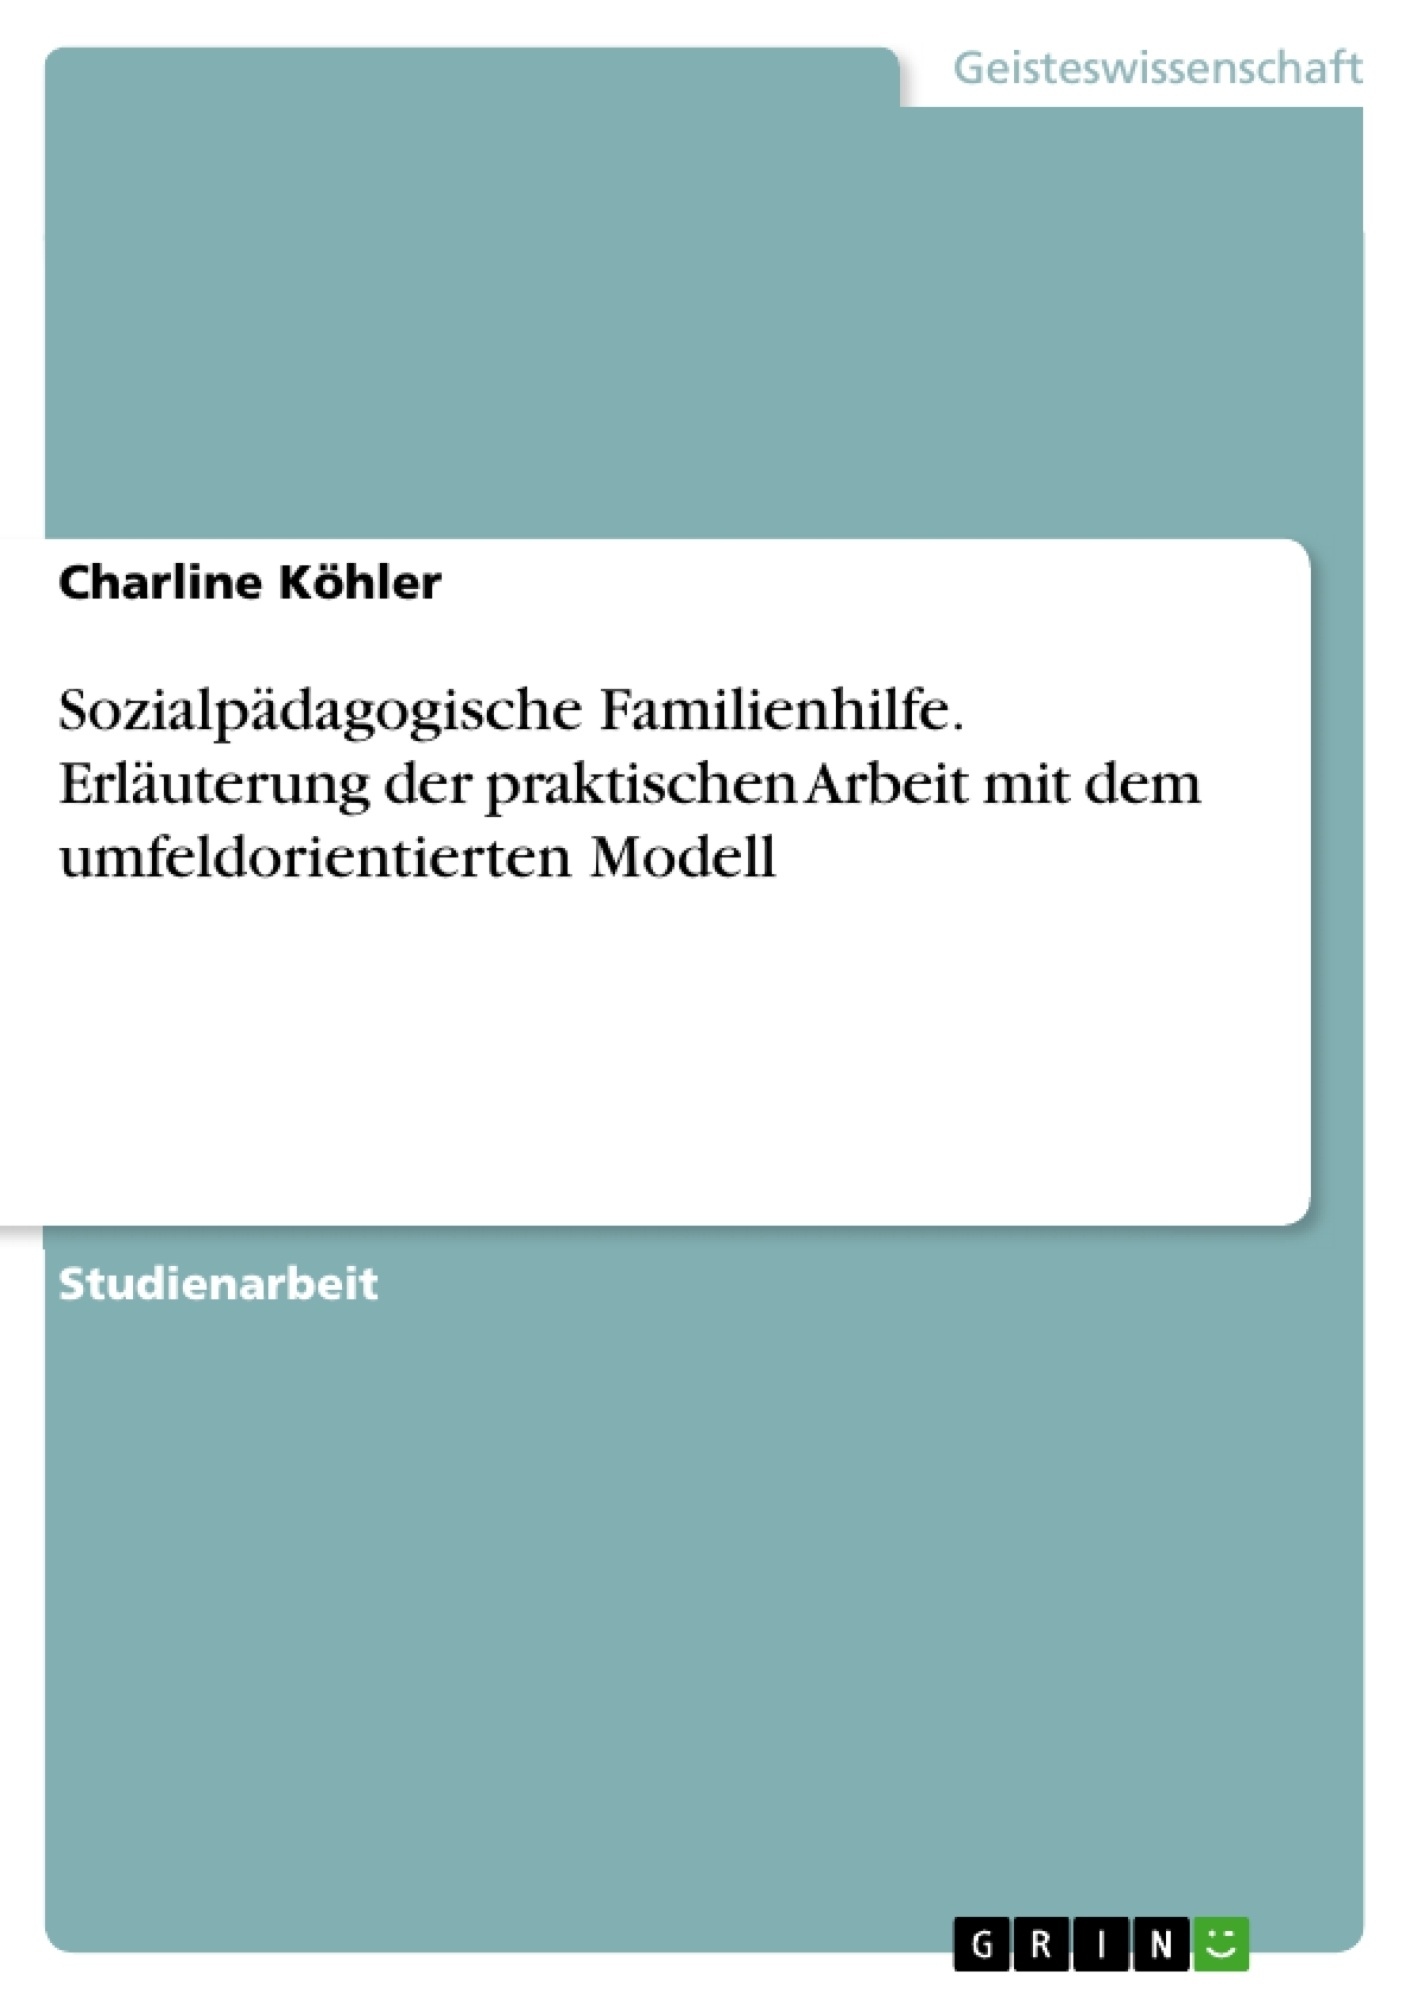 Titel: Sozialpädagogische Familienhilfe. Erläuterung der praktischen Arbeit mit dem umfeldorientierten Modell